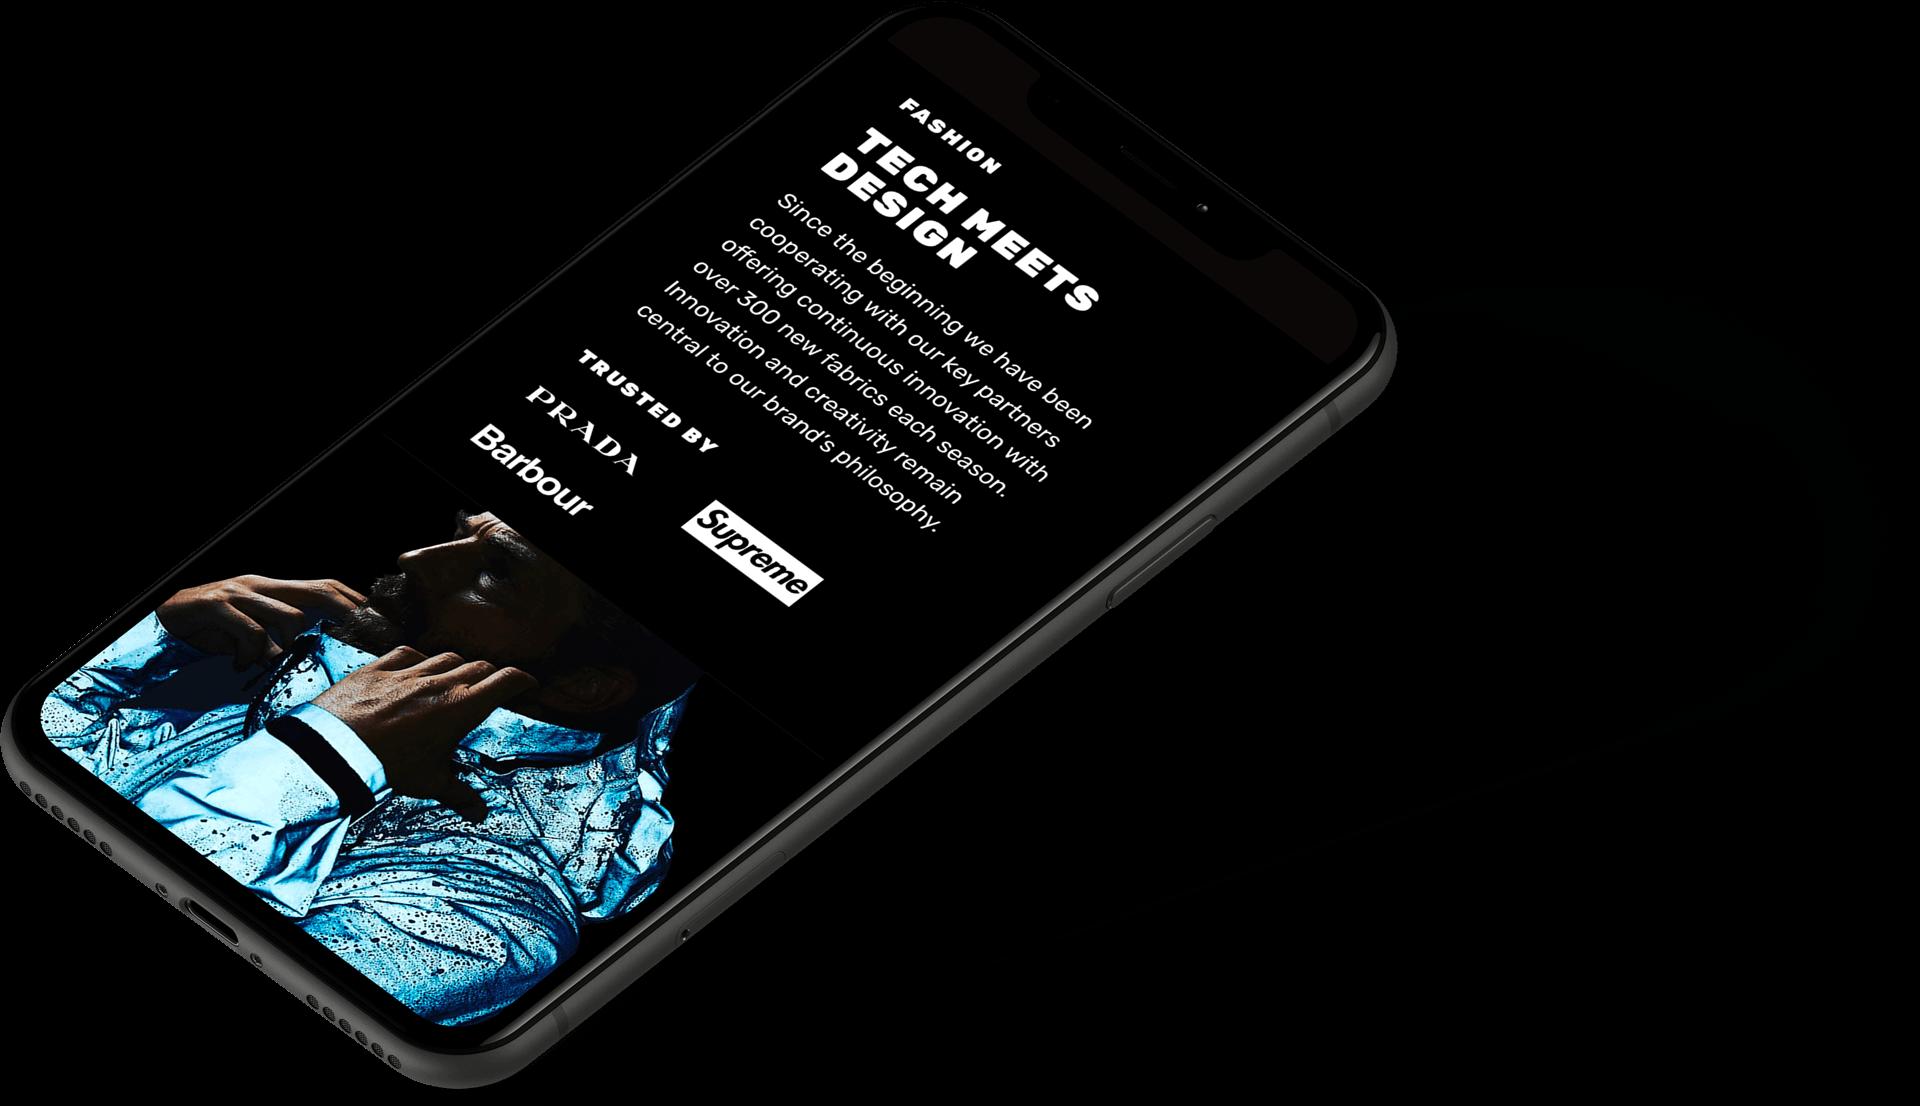 sito web responsive visto da smartphone